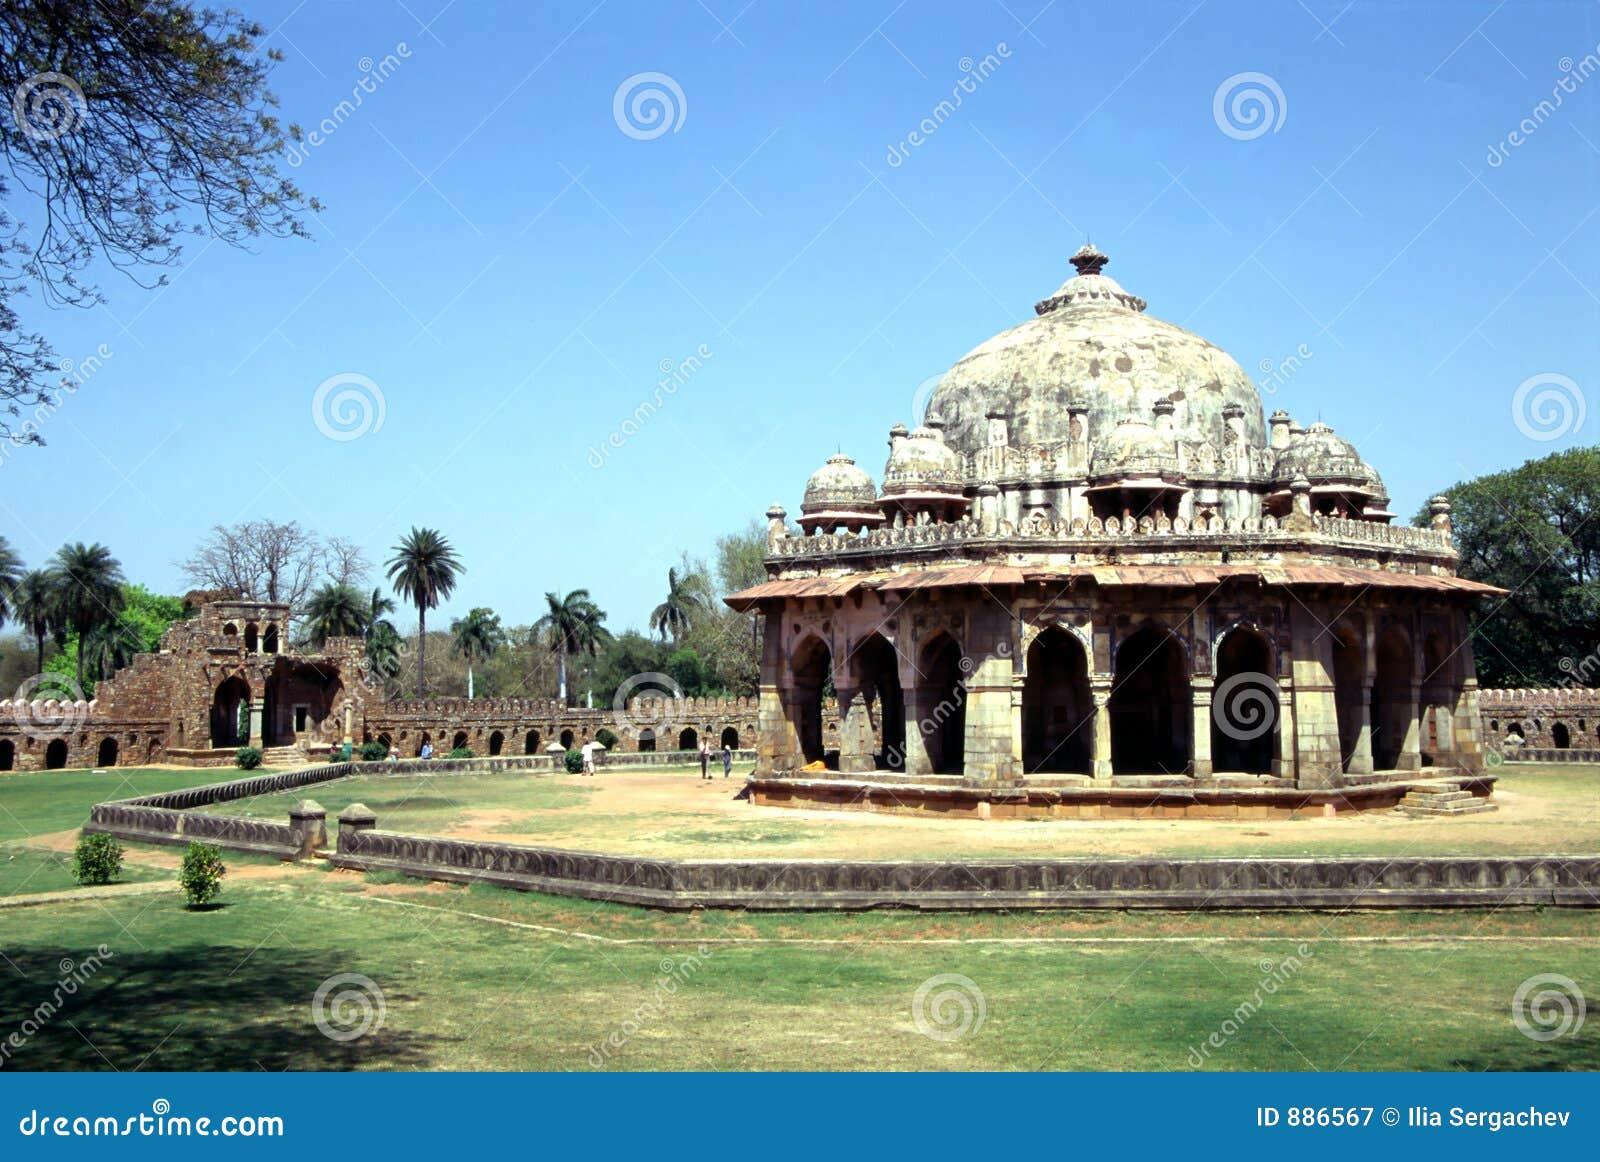 Stara świątynia delhi.